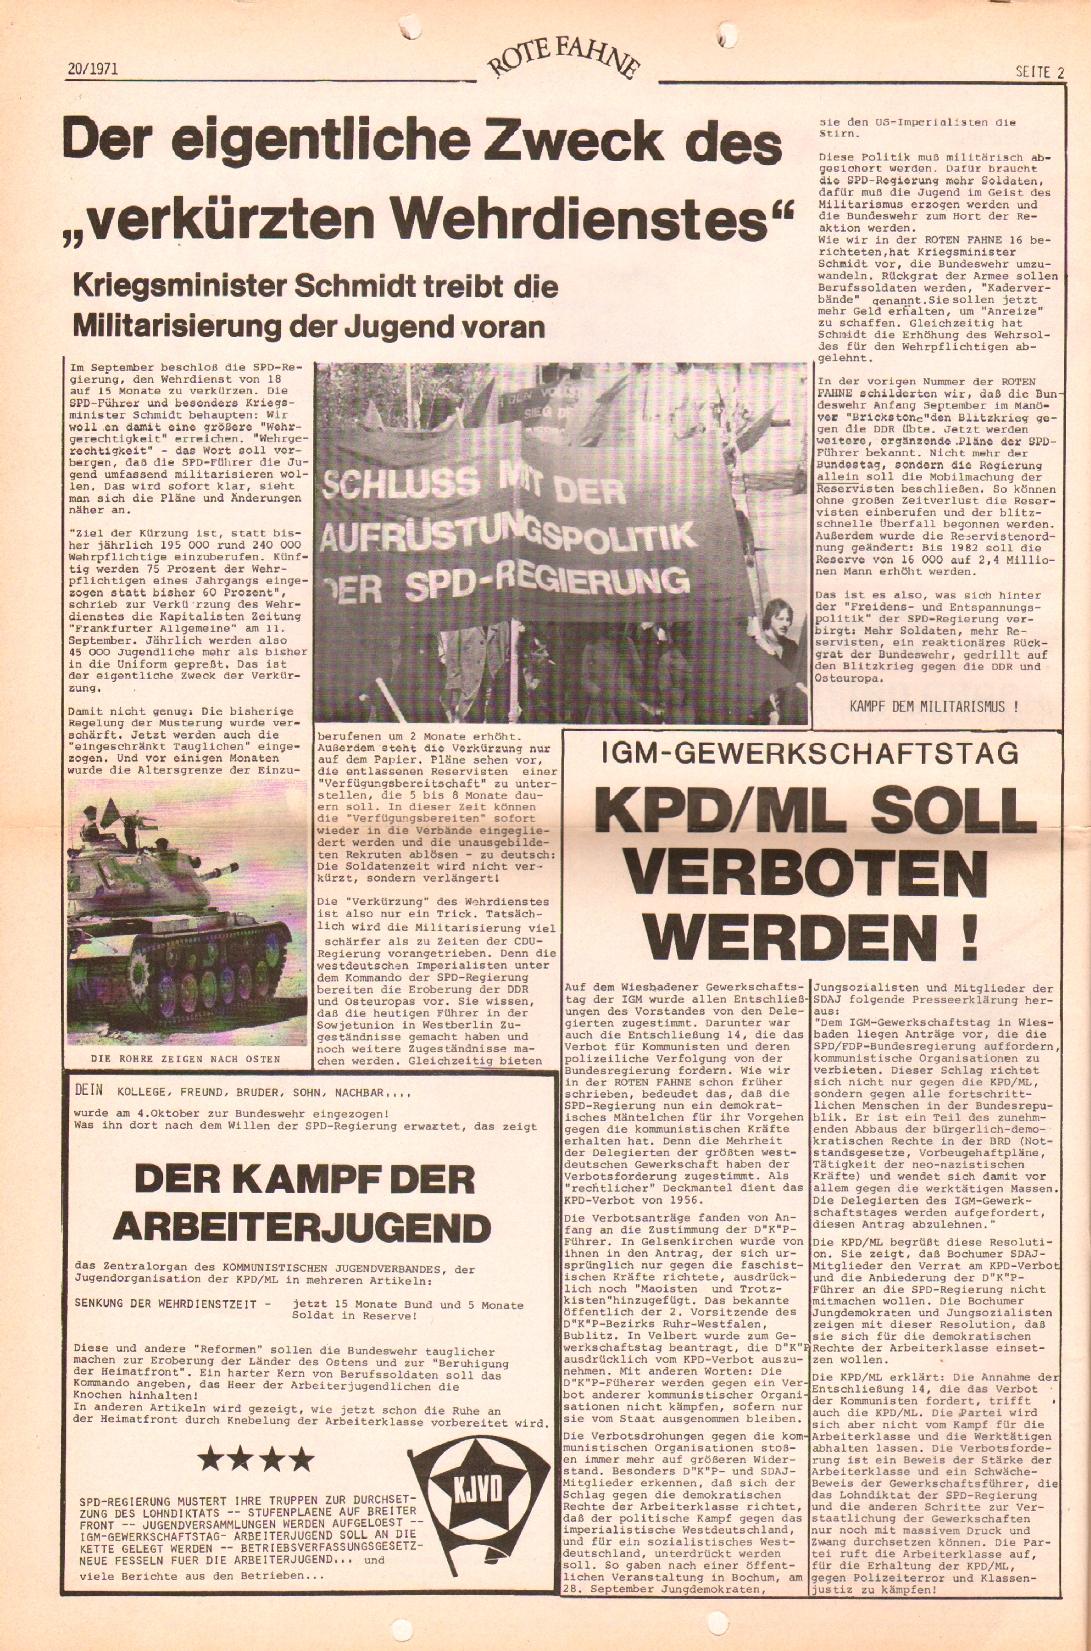 Rote Fahne, 2. Jg., 11.10.1971, Nr. 20, Seite 2